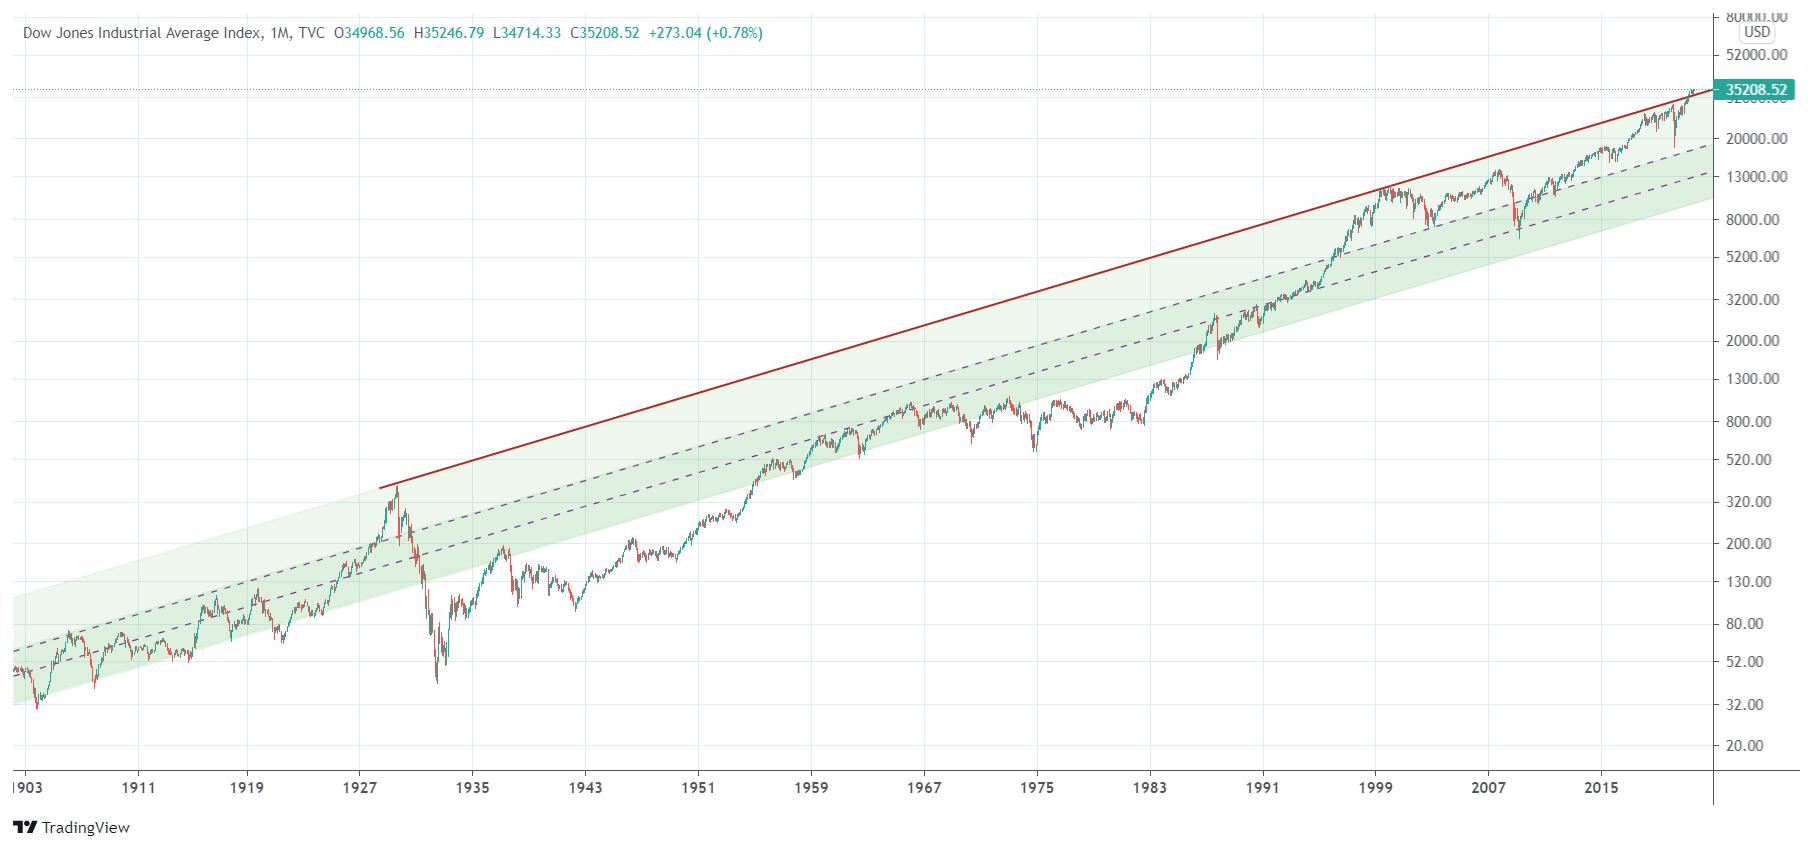 dow jones 100 year chart